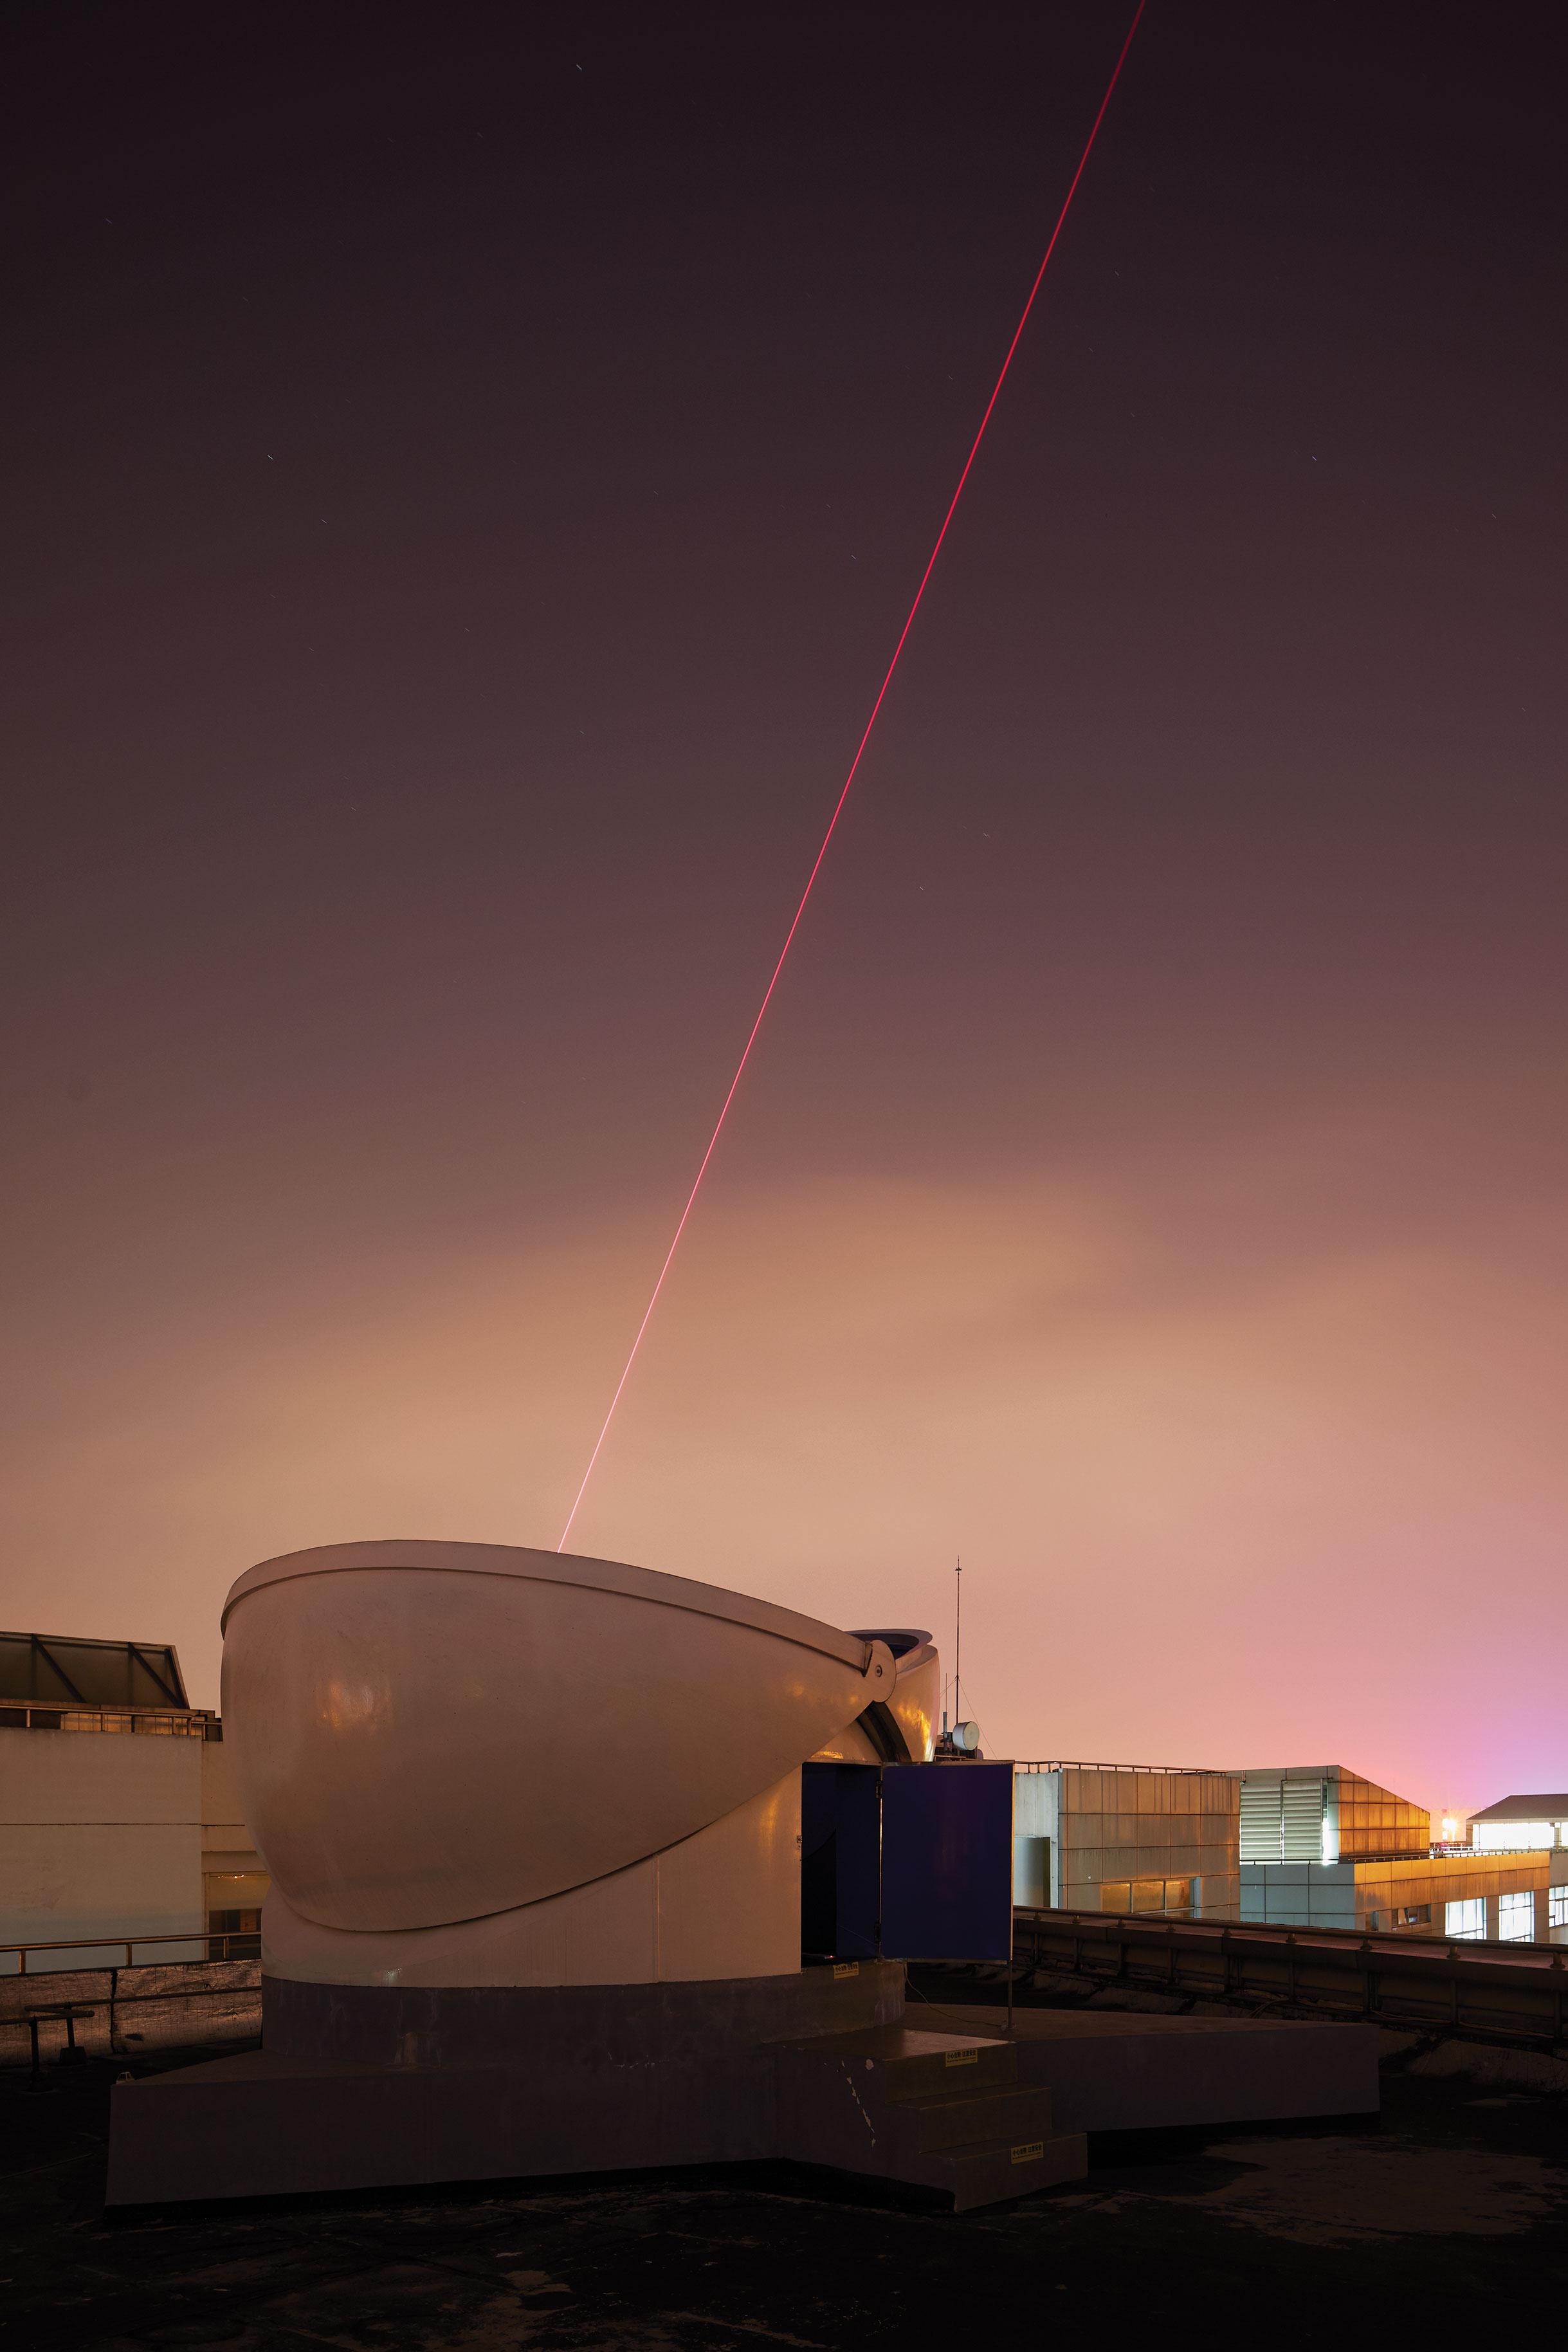 La imagen del receptor muestra un láser puntual utilizado para ayudar al satélite a conectarse a la estación terrestre.